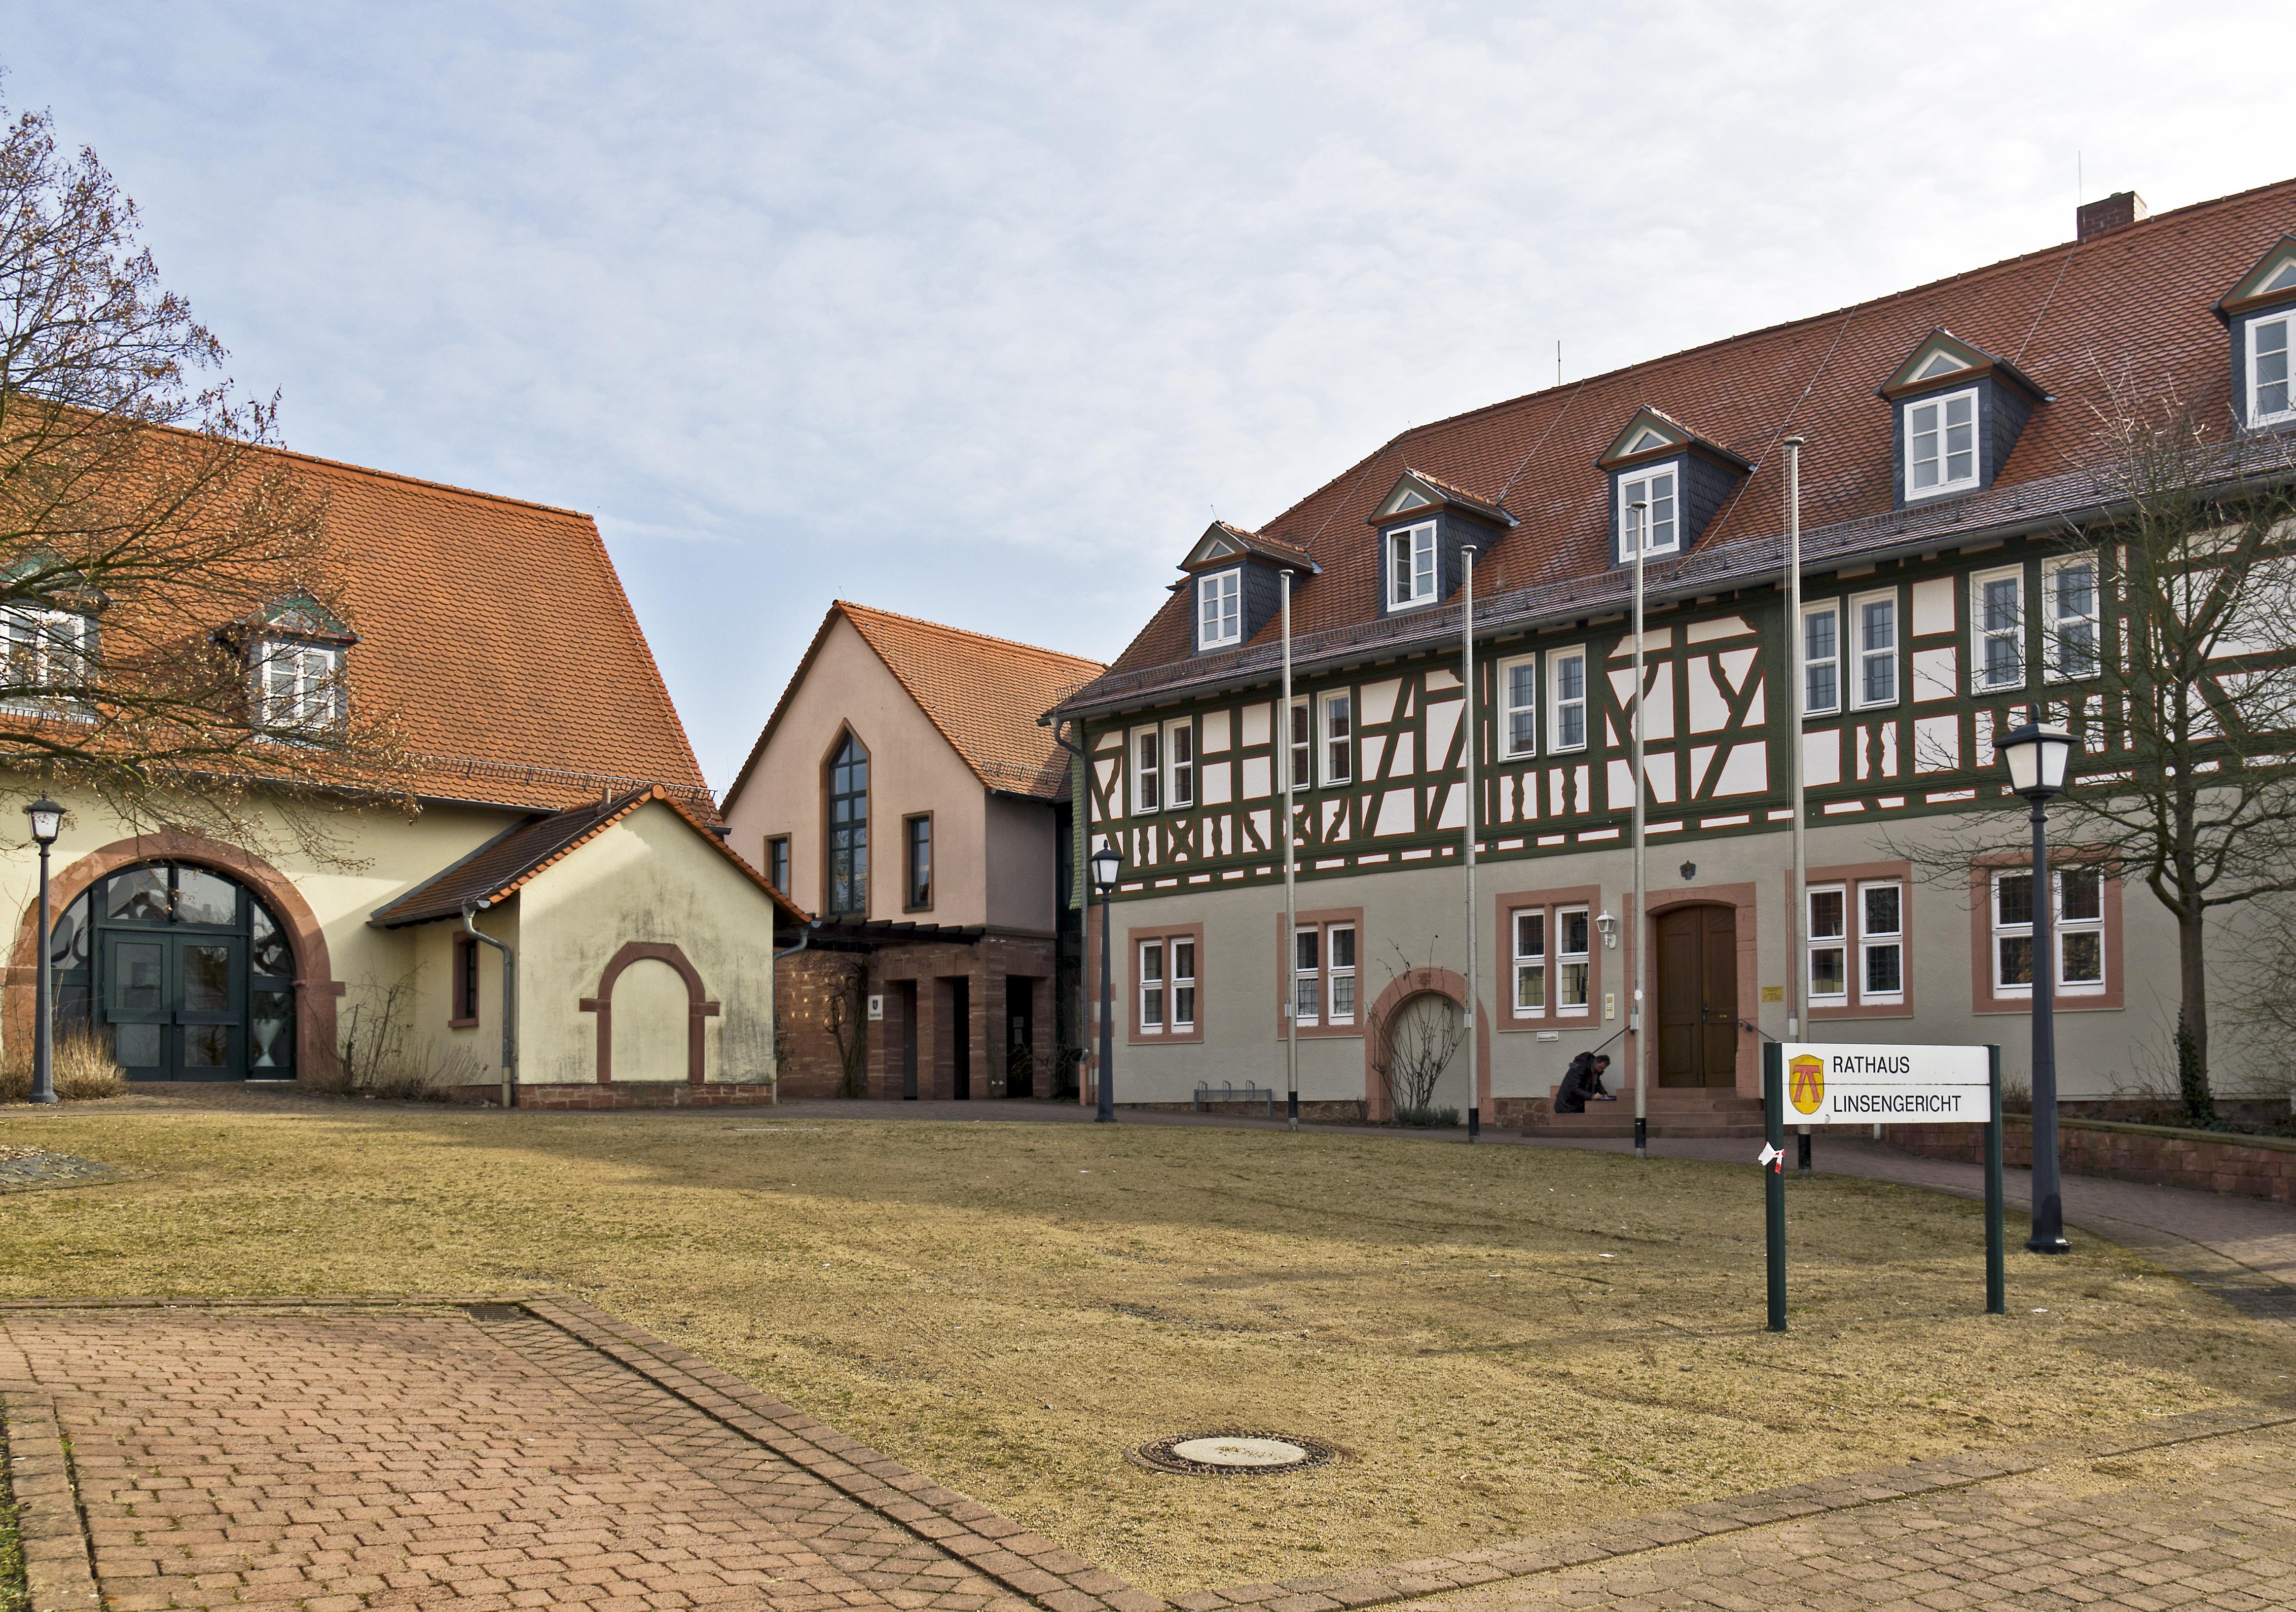 Linsengericht (Hessen)